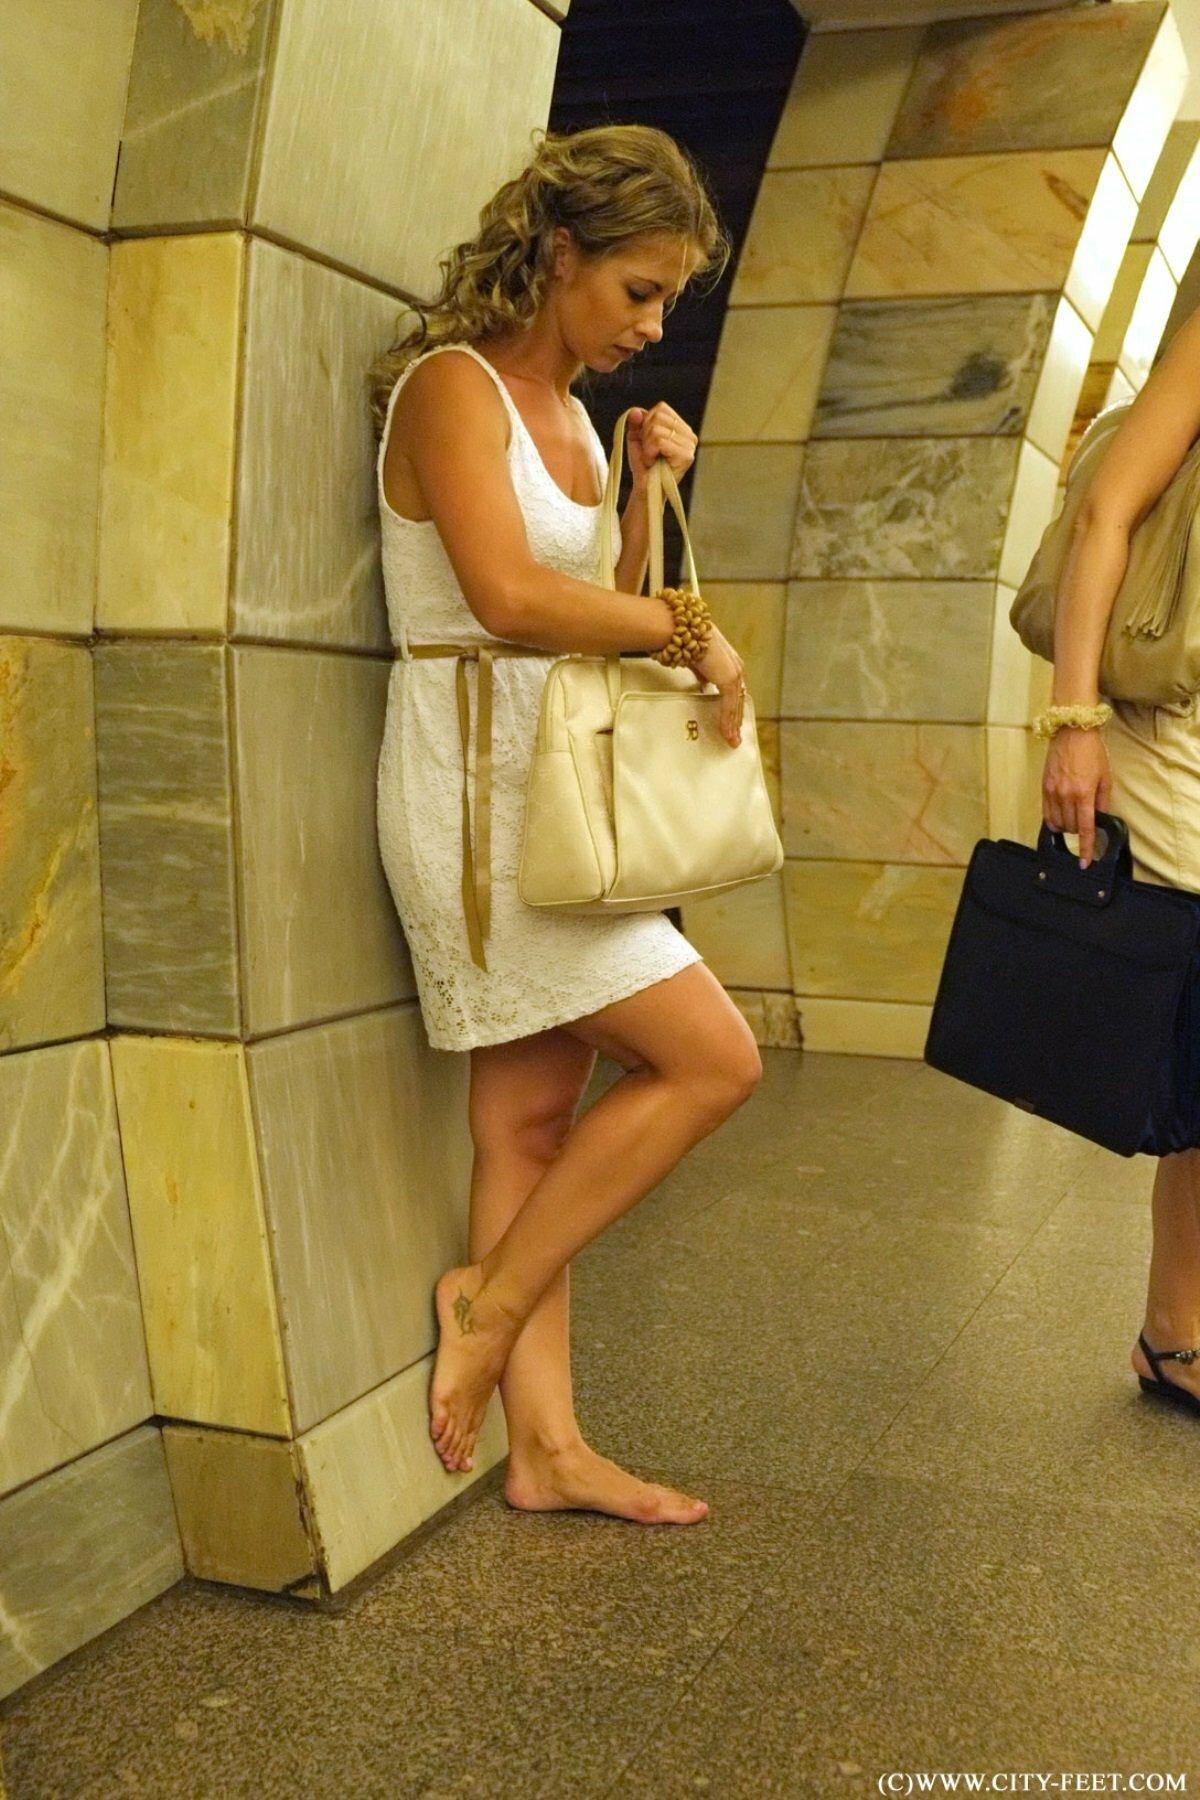 фотографий фото женских ног в метро эспандеры-бабочки, они мало